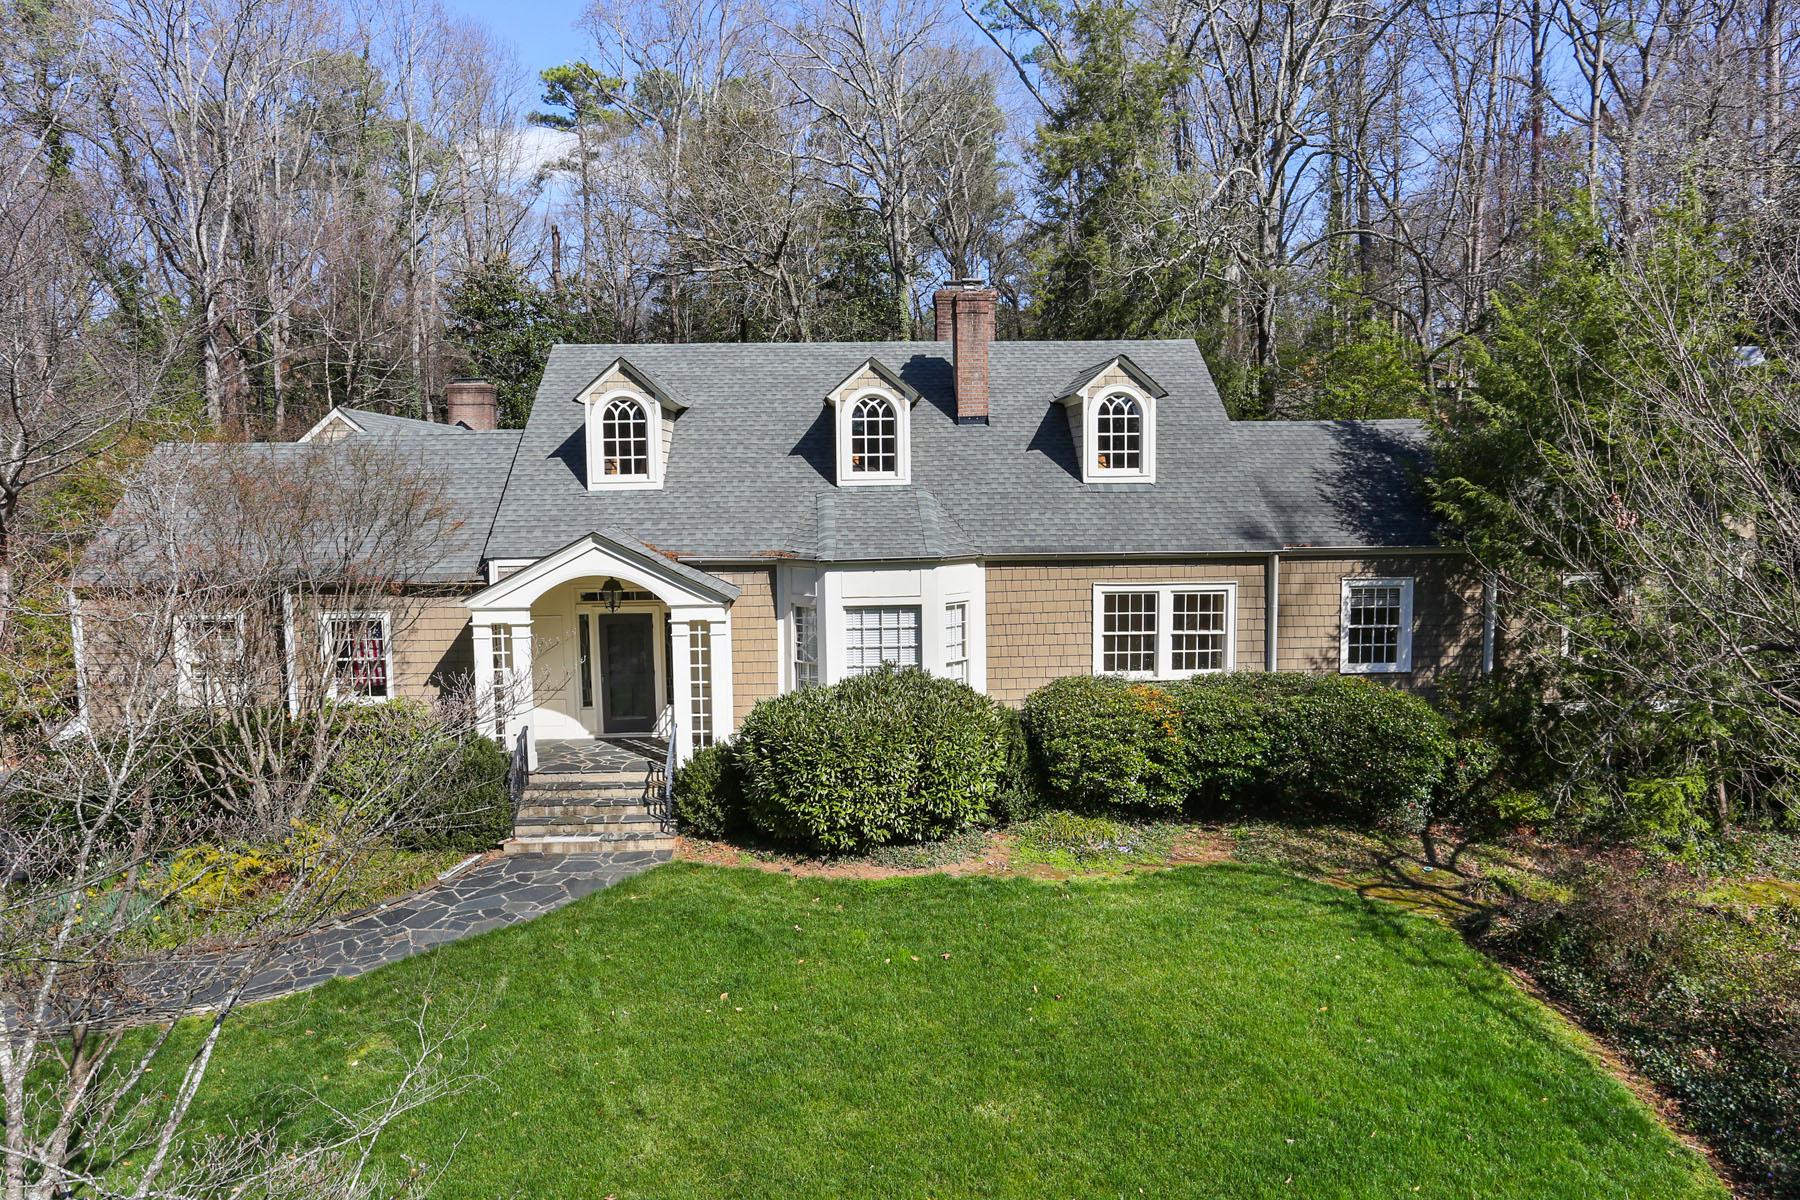 獨棟家庭住宅 為 出售 在 Charming Cape Cod Nestled on 1.5 Acre Lot 1225 West Wesley Rd Buckhead, Atlanta, 喬治亞州, 30327 美國